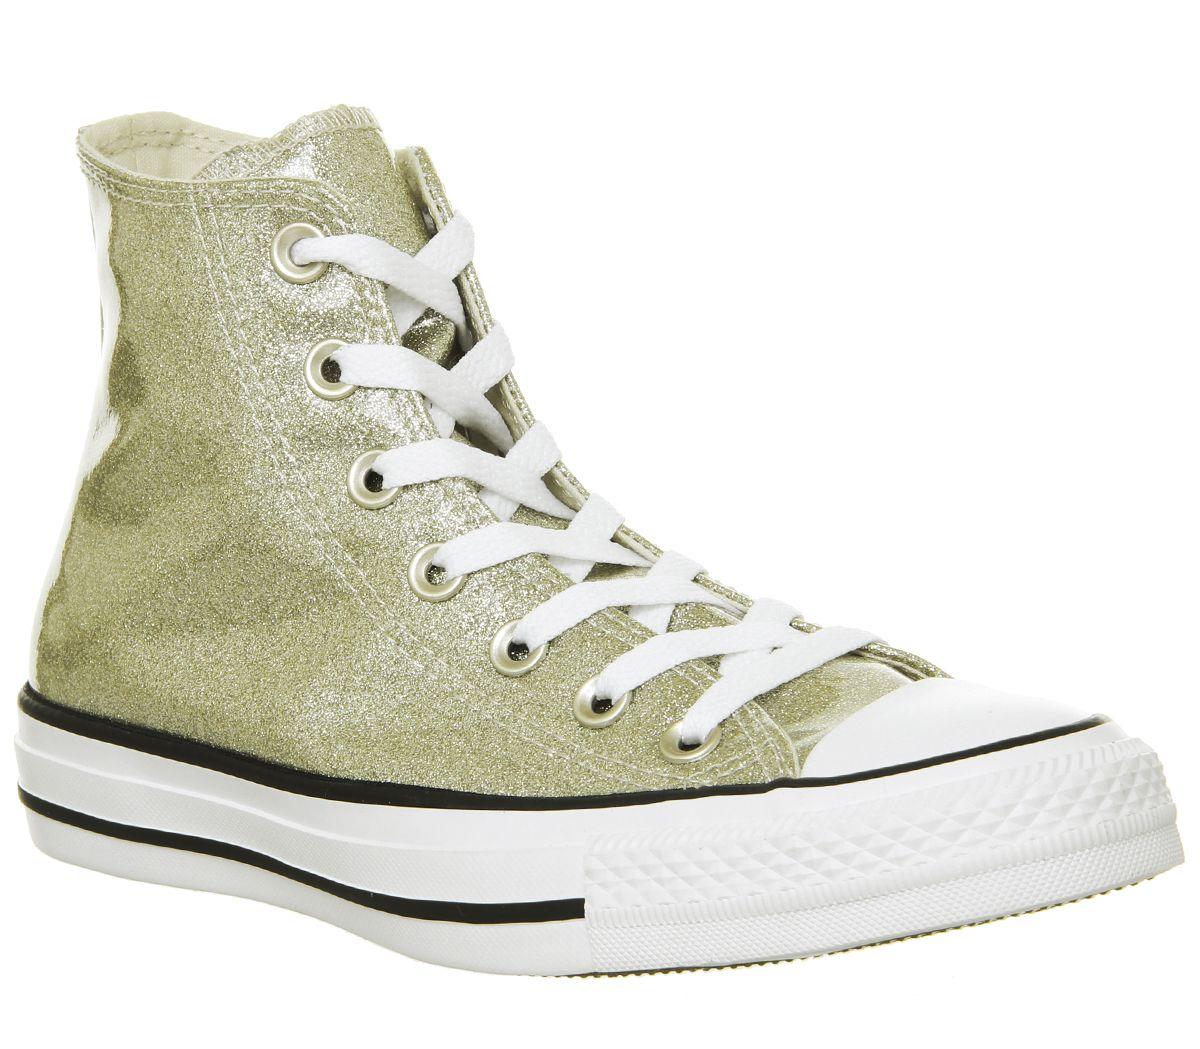 71c6ae39657d SENTINEL Womens Converse Converse All Star Hi allenatori luce oro bianco  scarpe da ginnastica scarpe